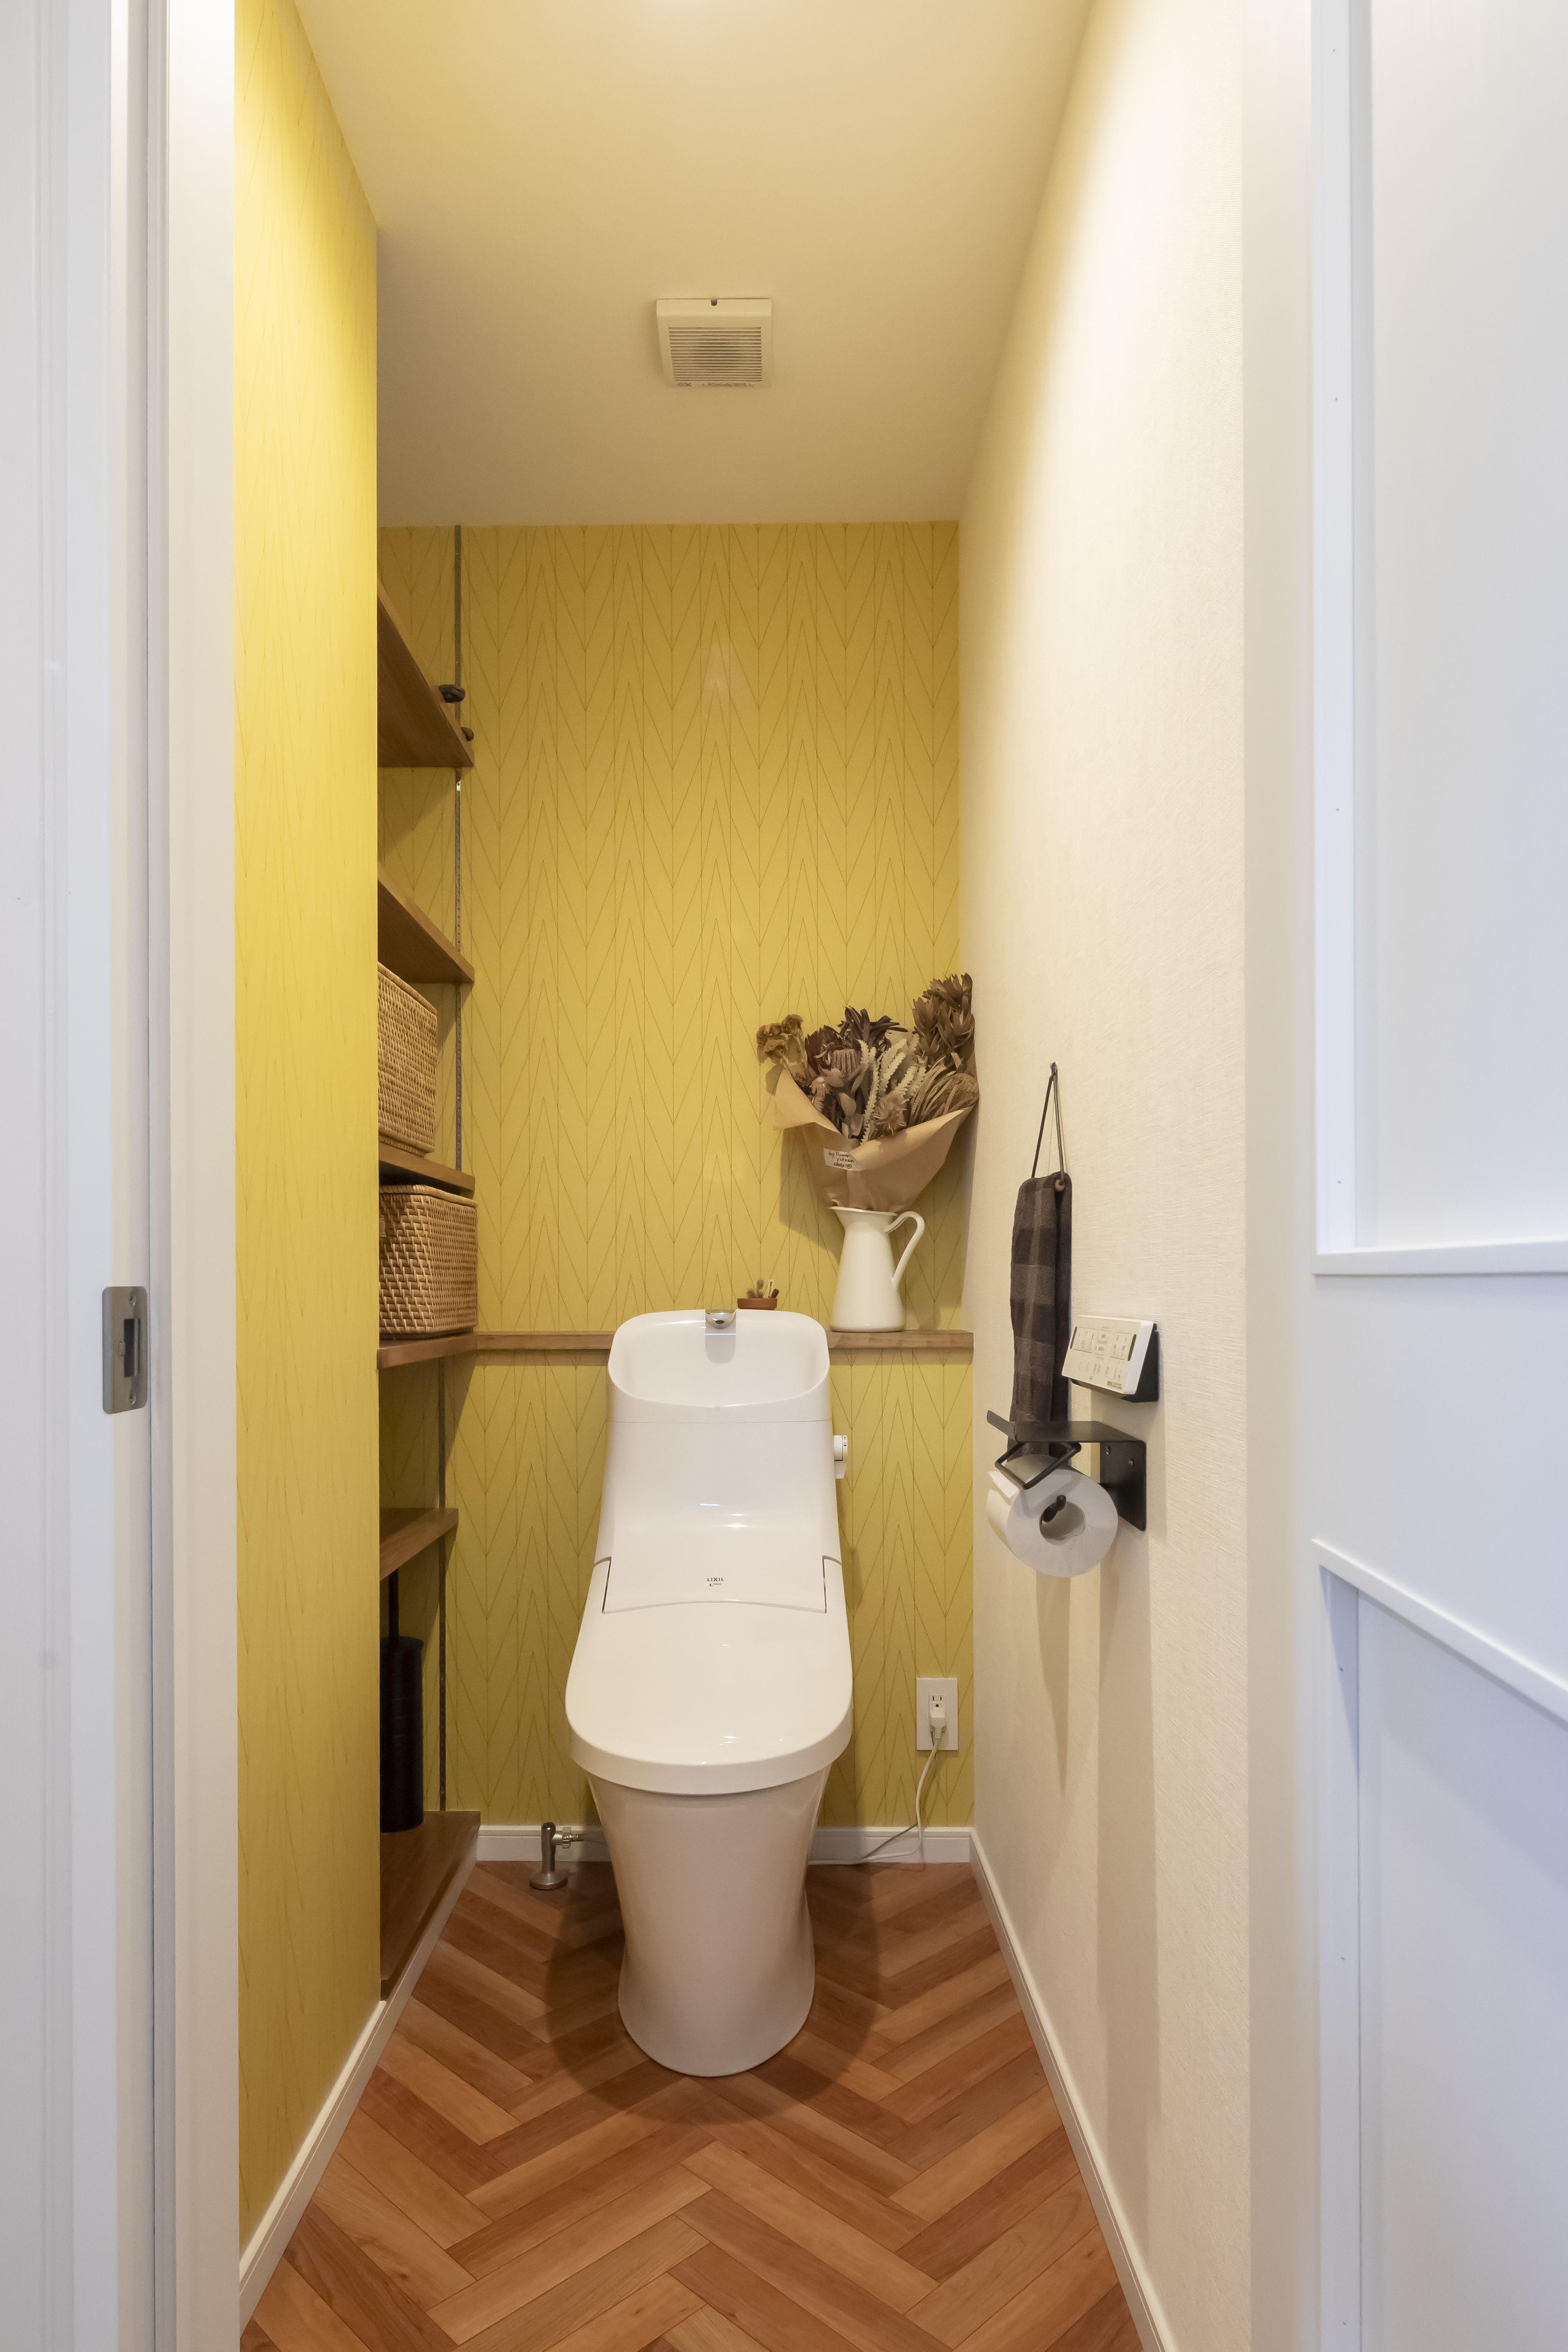 床はヘリンボーン 壁紙は黄色のアクセントクロスです トイレのデザイン トイレ おしゃれ トイレ レイアウト